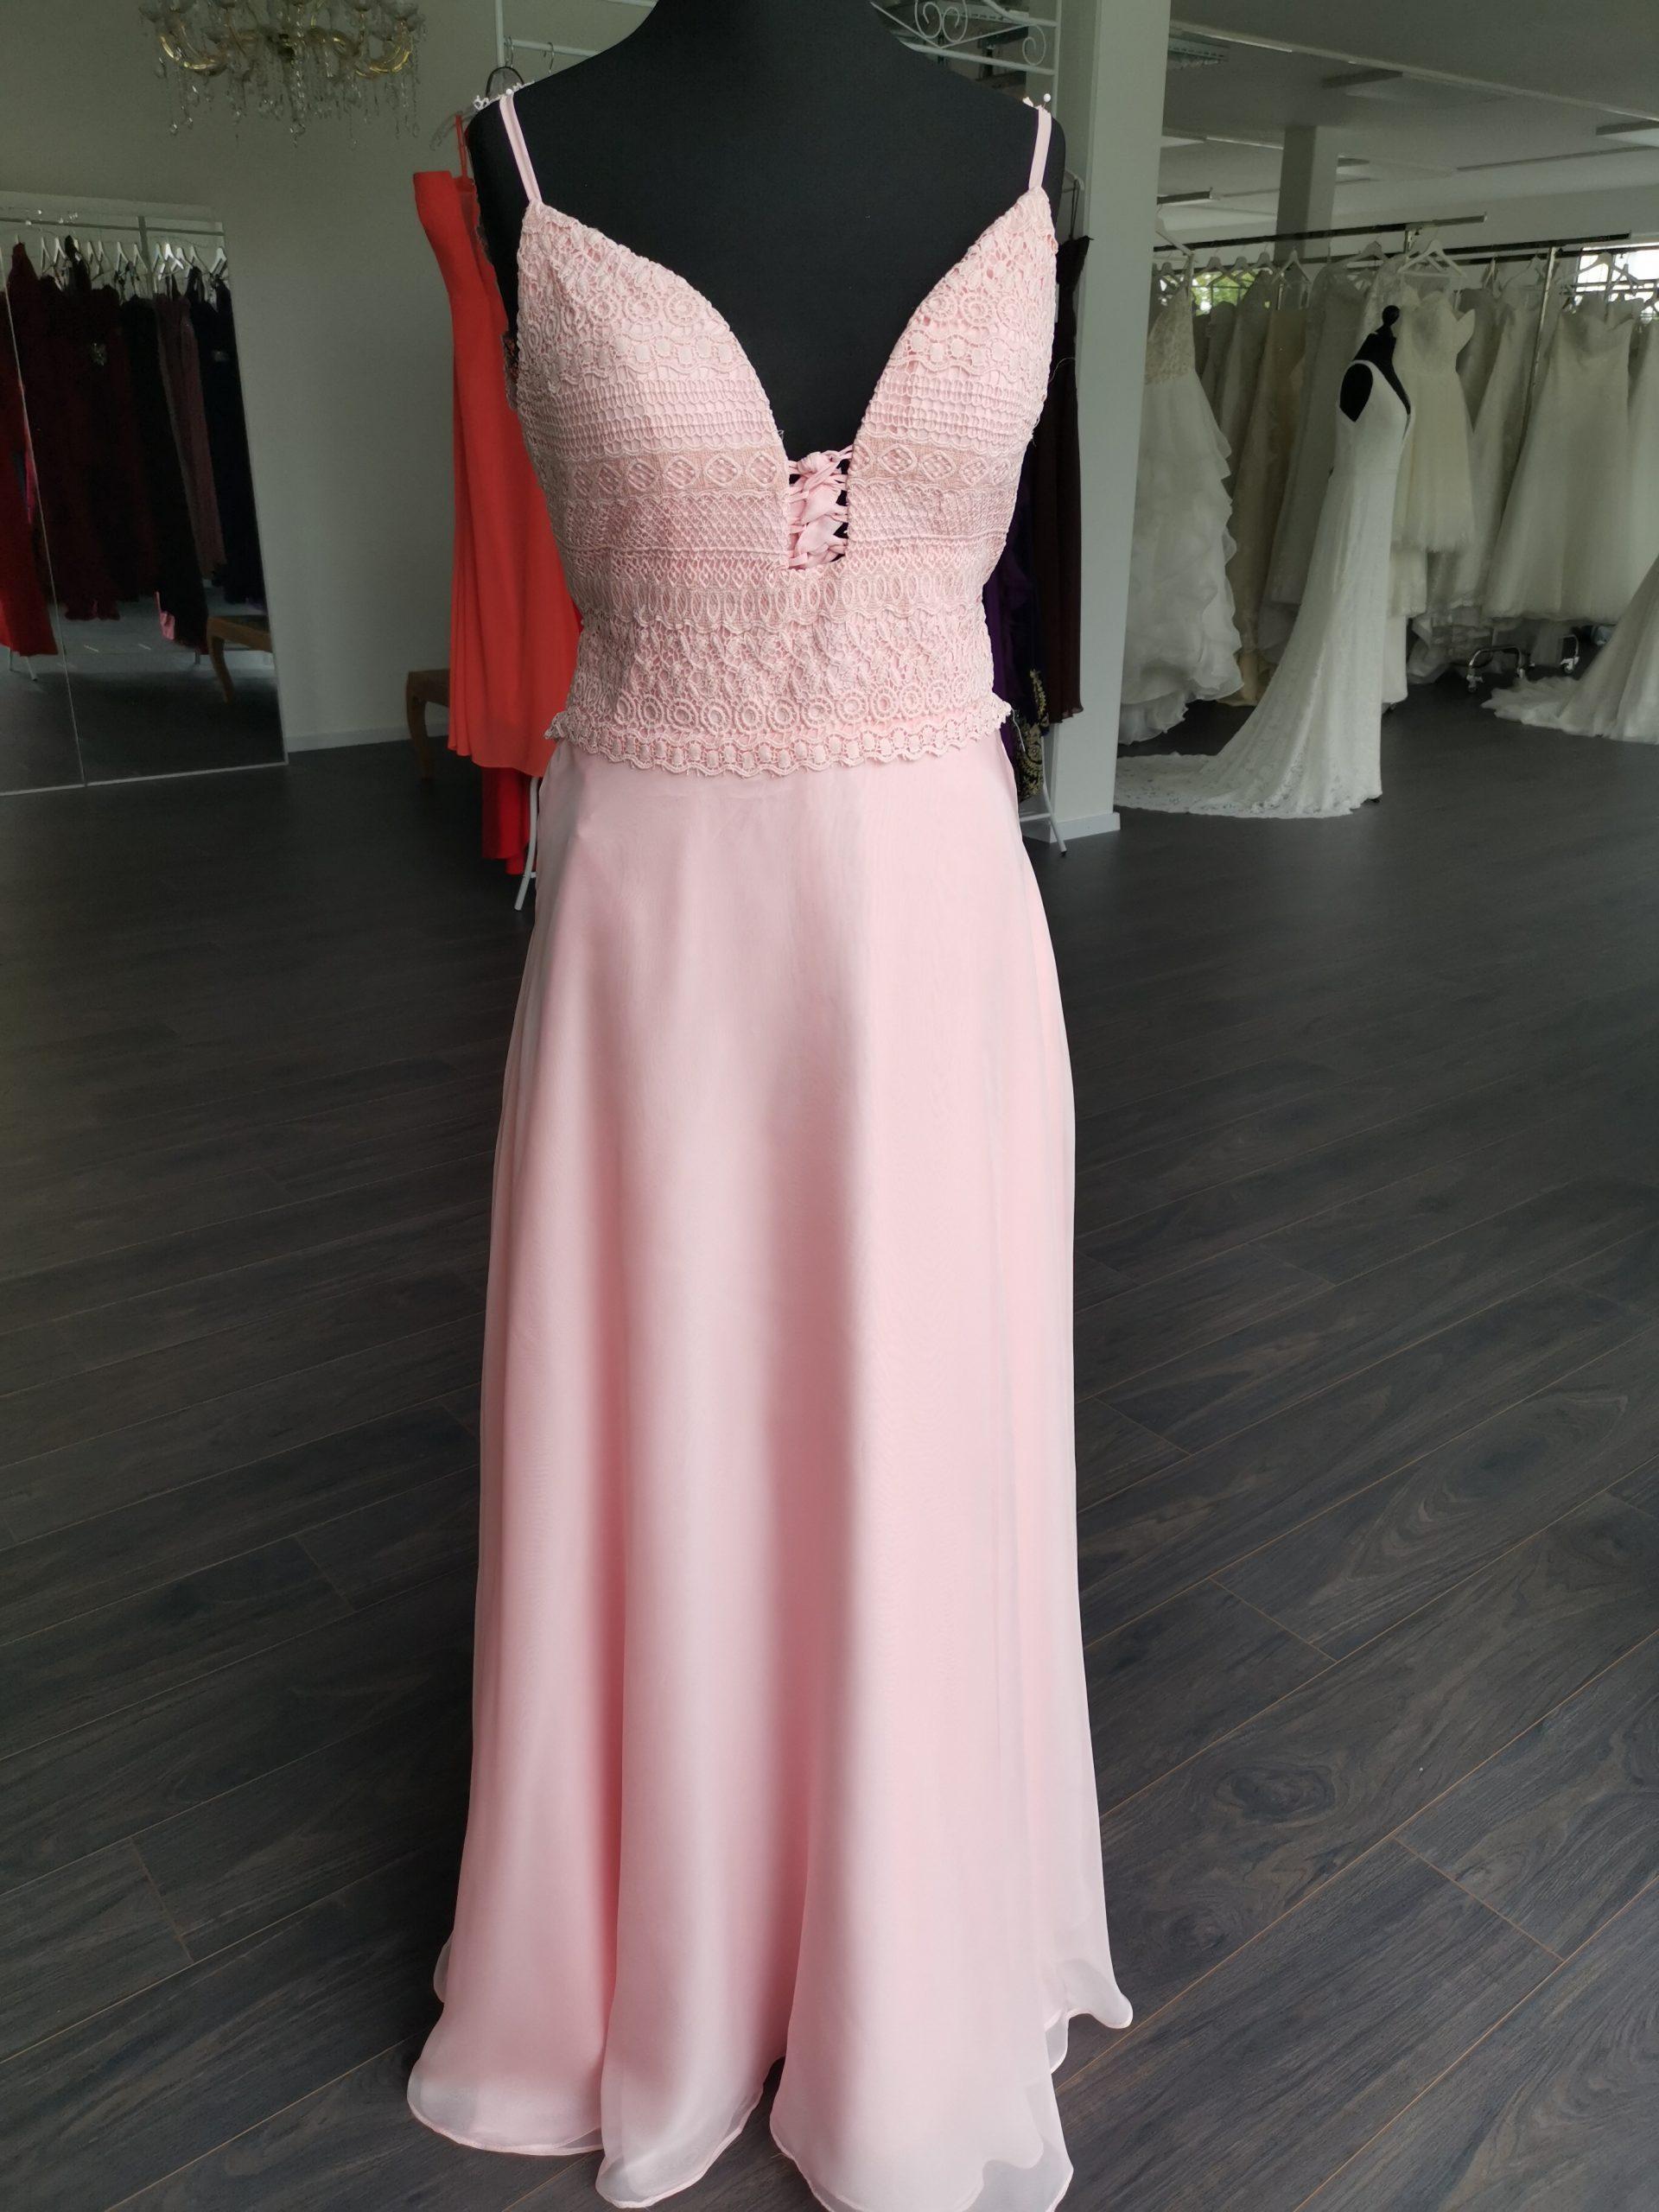 Abend Ausgezeichnet Abendkleid Xara Spezialgebiet Einfach Abendkleid Xara für 2019